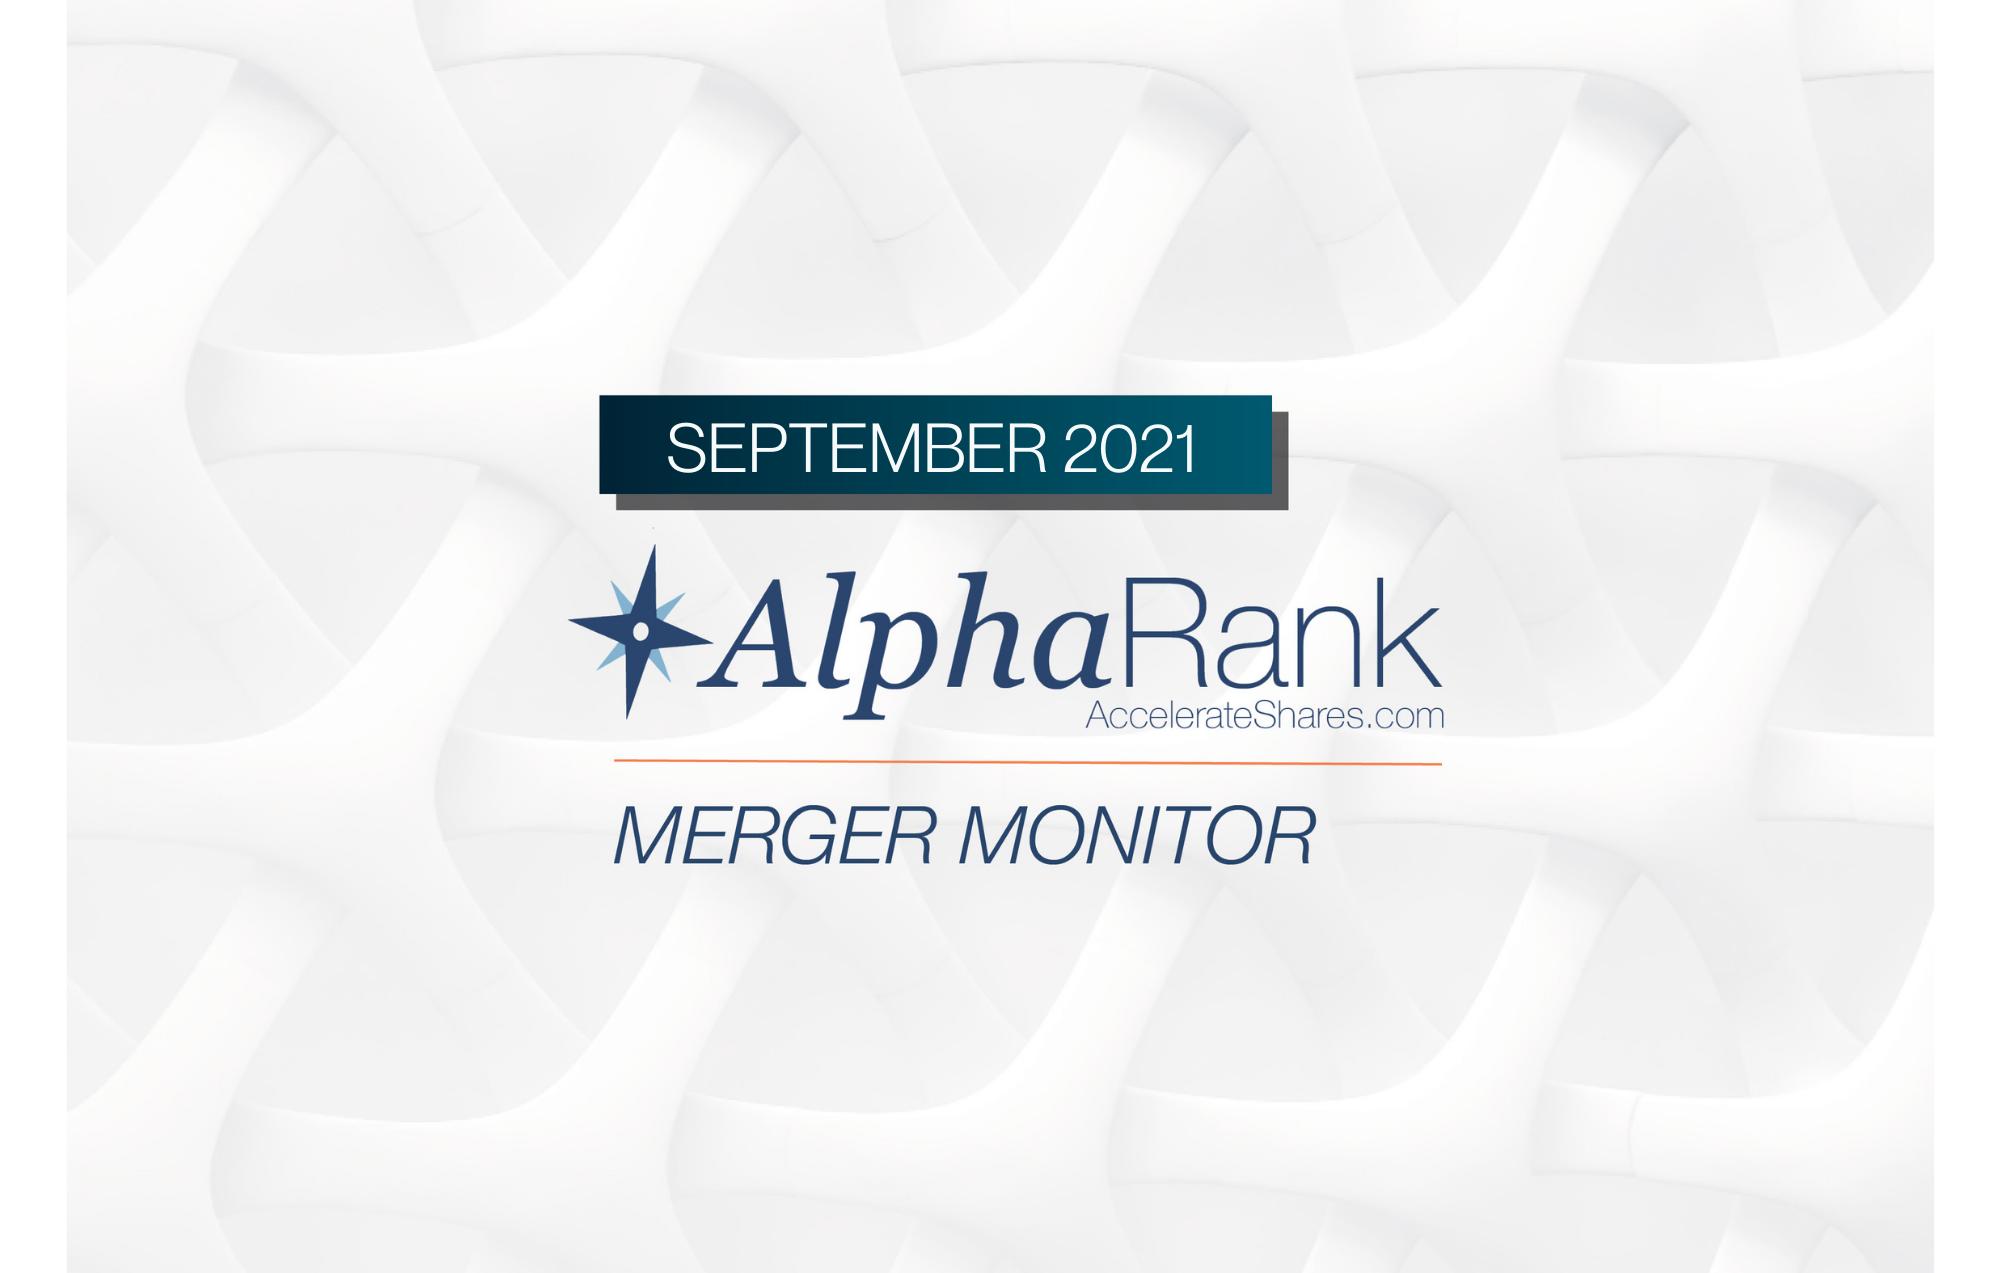 AlphaRank Merger Monitor – September 2021